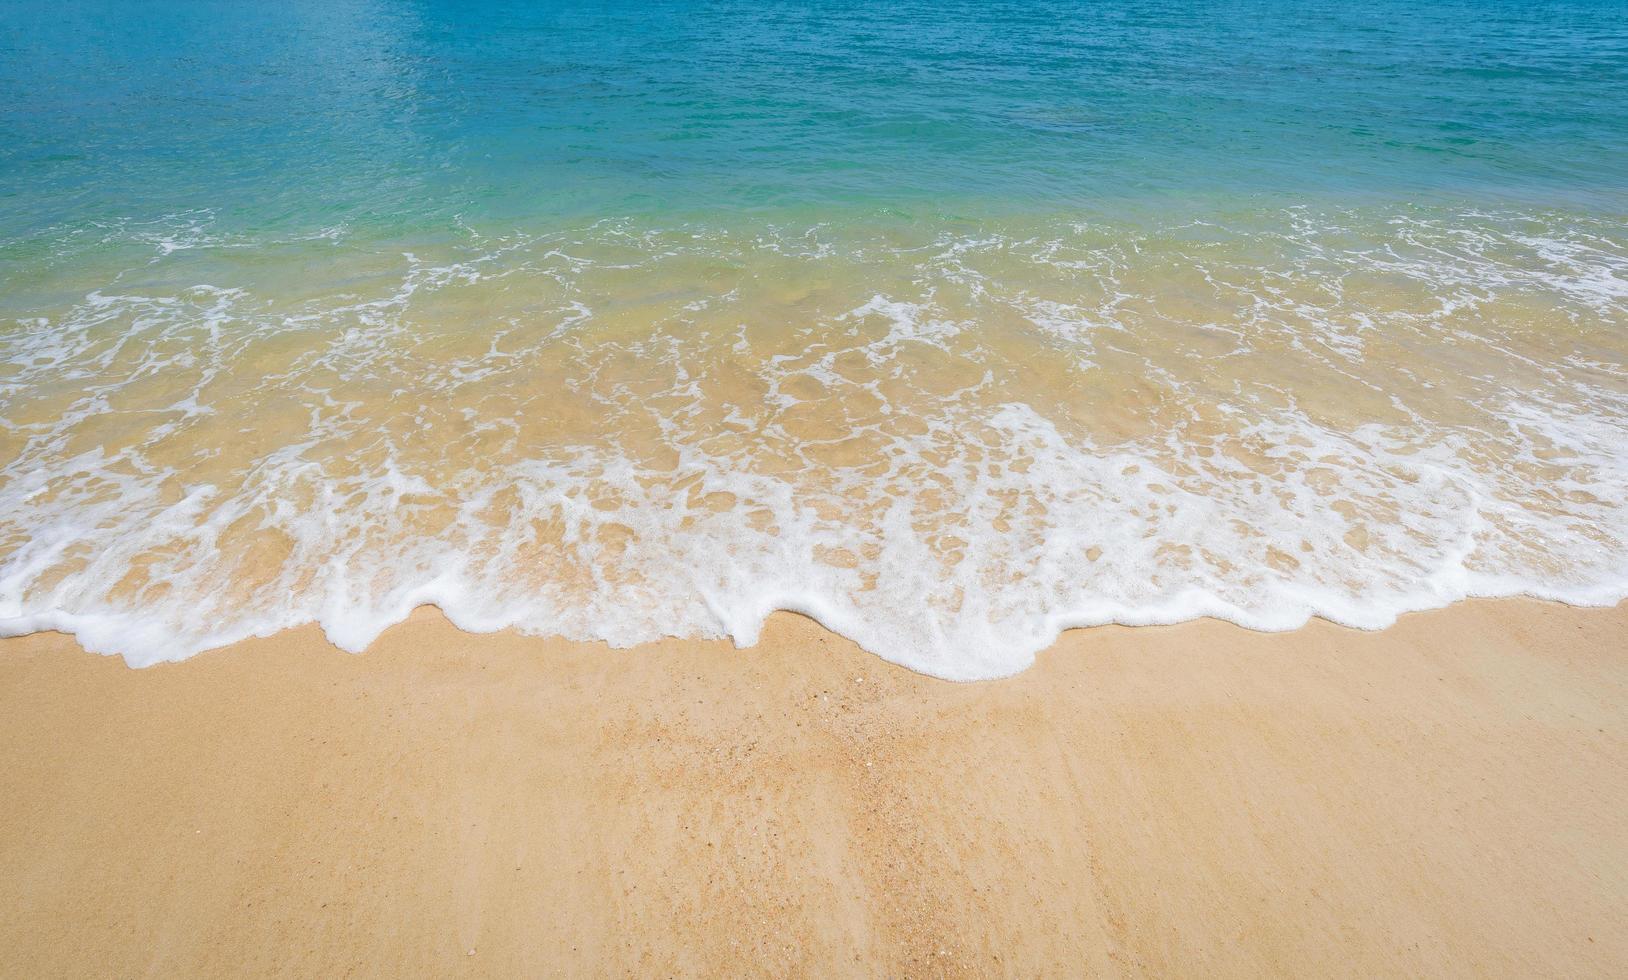 vagues échouent sur la plage photo